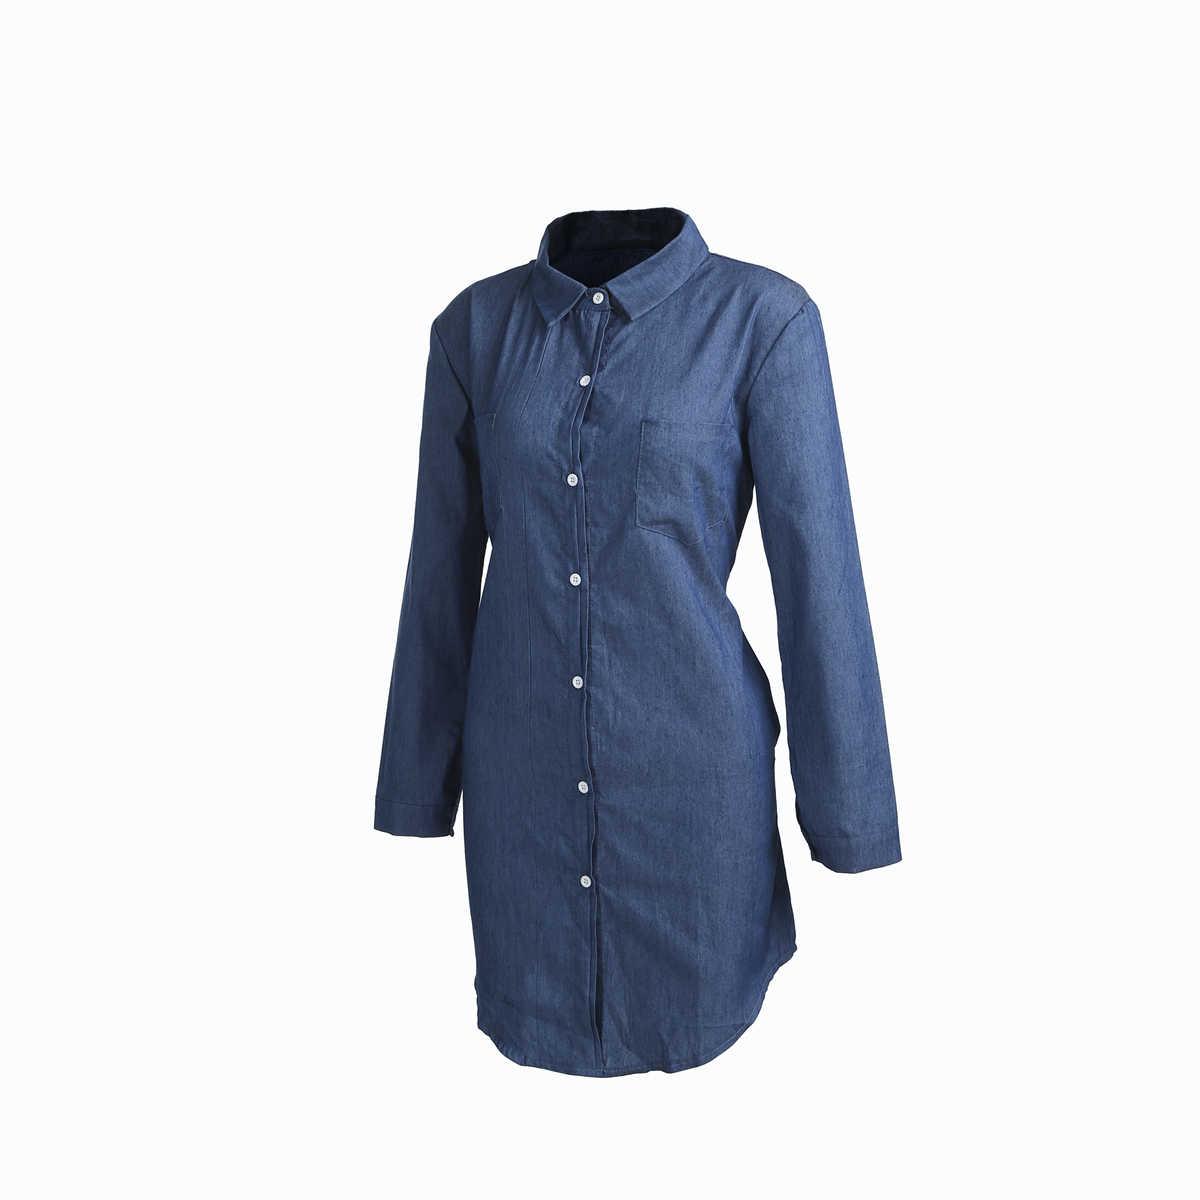 Популярное женское джинсовое платье на пуговицах; сезон весна-лето; повседневное мини-платье-рубашка с длинными рукавами; свободная одежда с карманами на пуговицах; новый дизайн; повседневная одежда для девочек